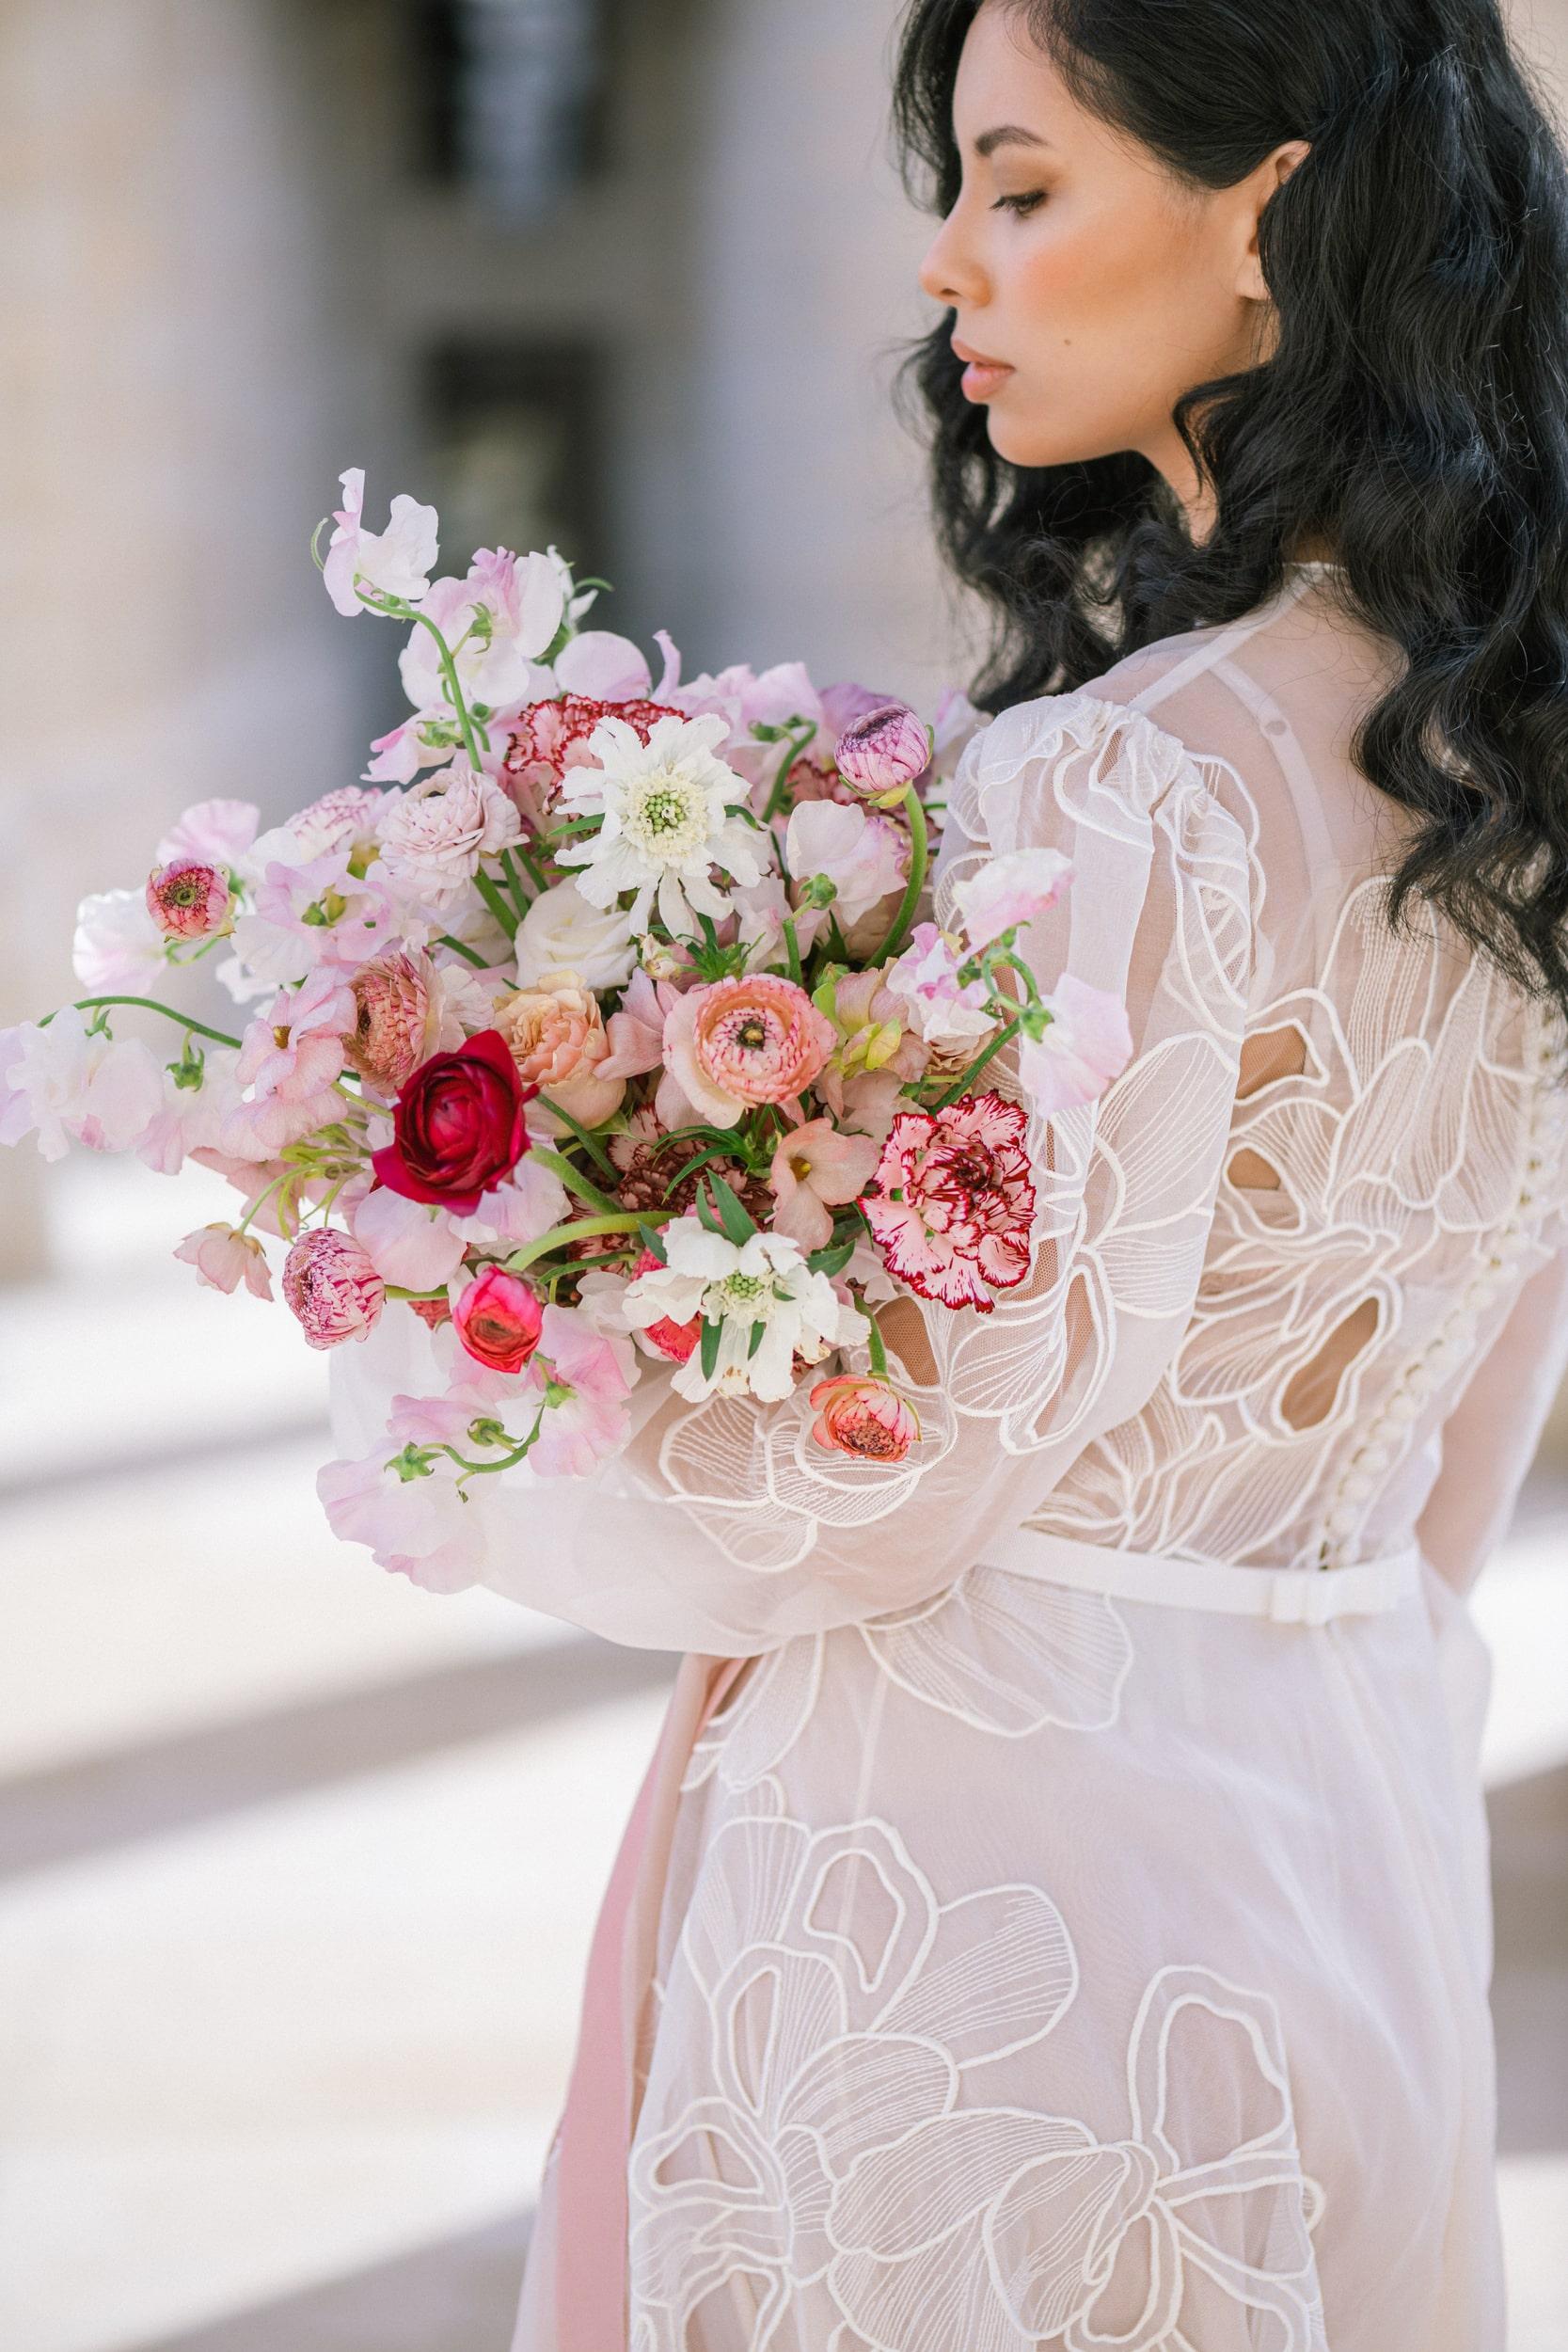 Anais-7912Photographe mariage paris louvre colonne de buren lina raziq